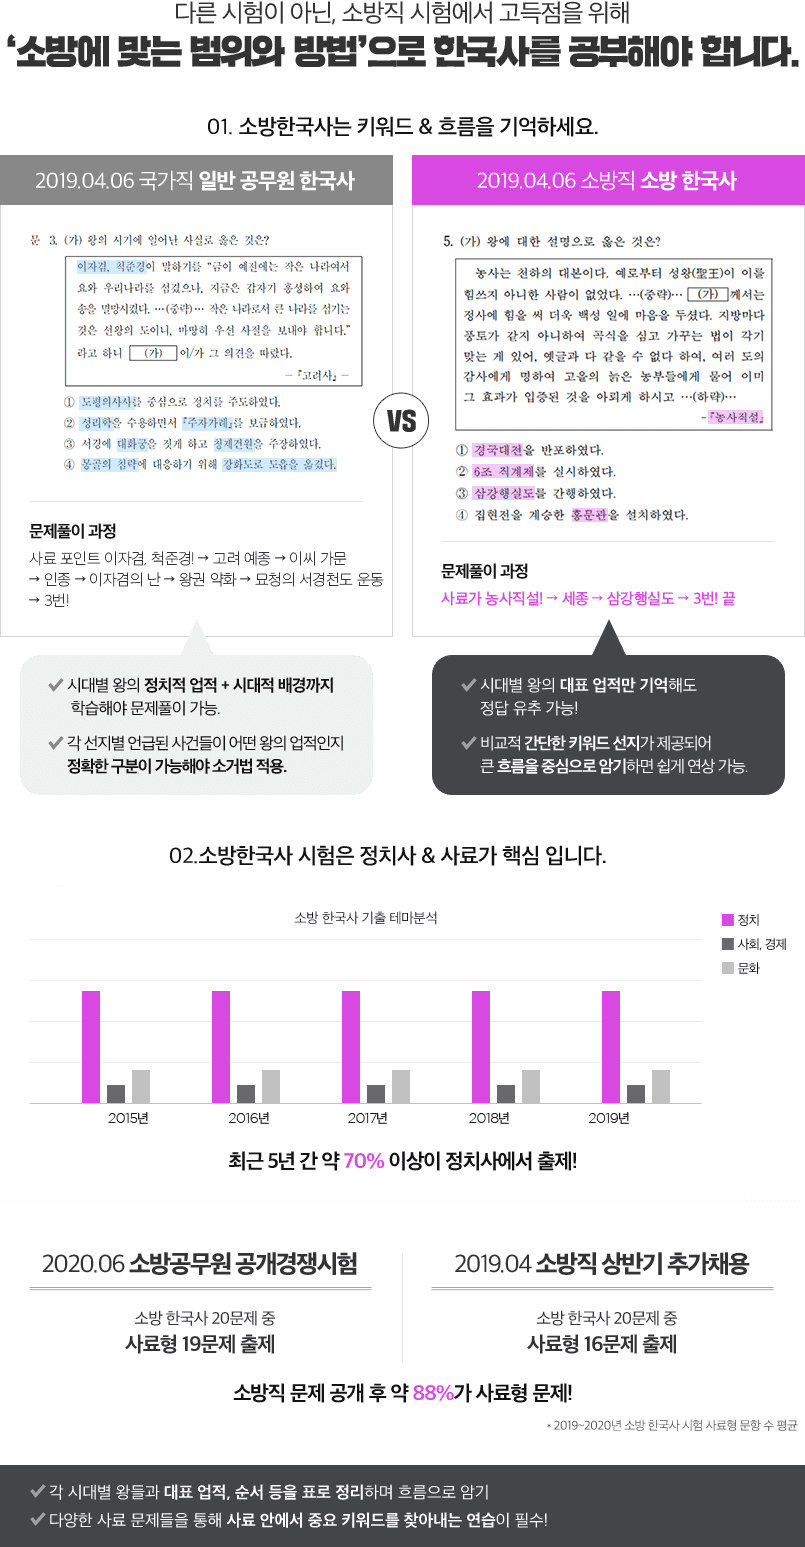 소방에 맞는 범위와 방법으로 한국사를 공부해야 합니다.